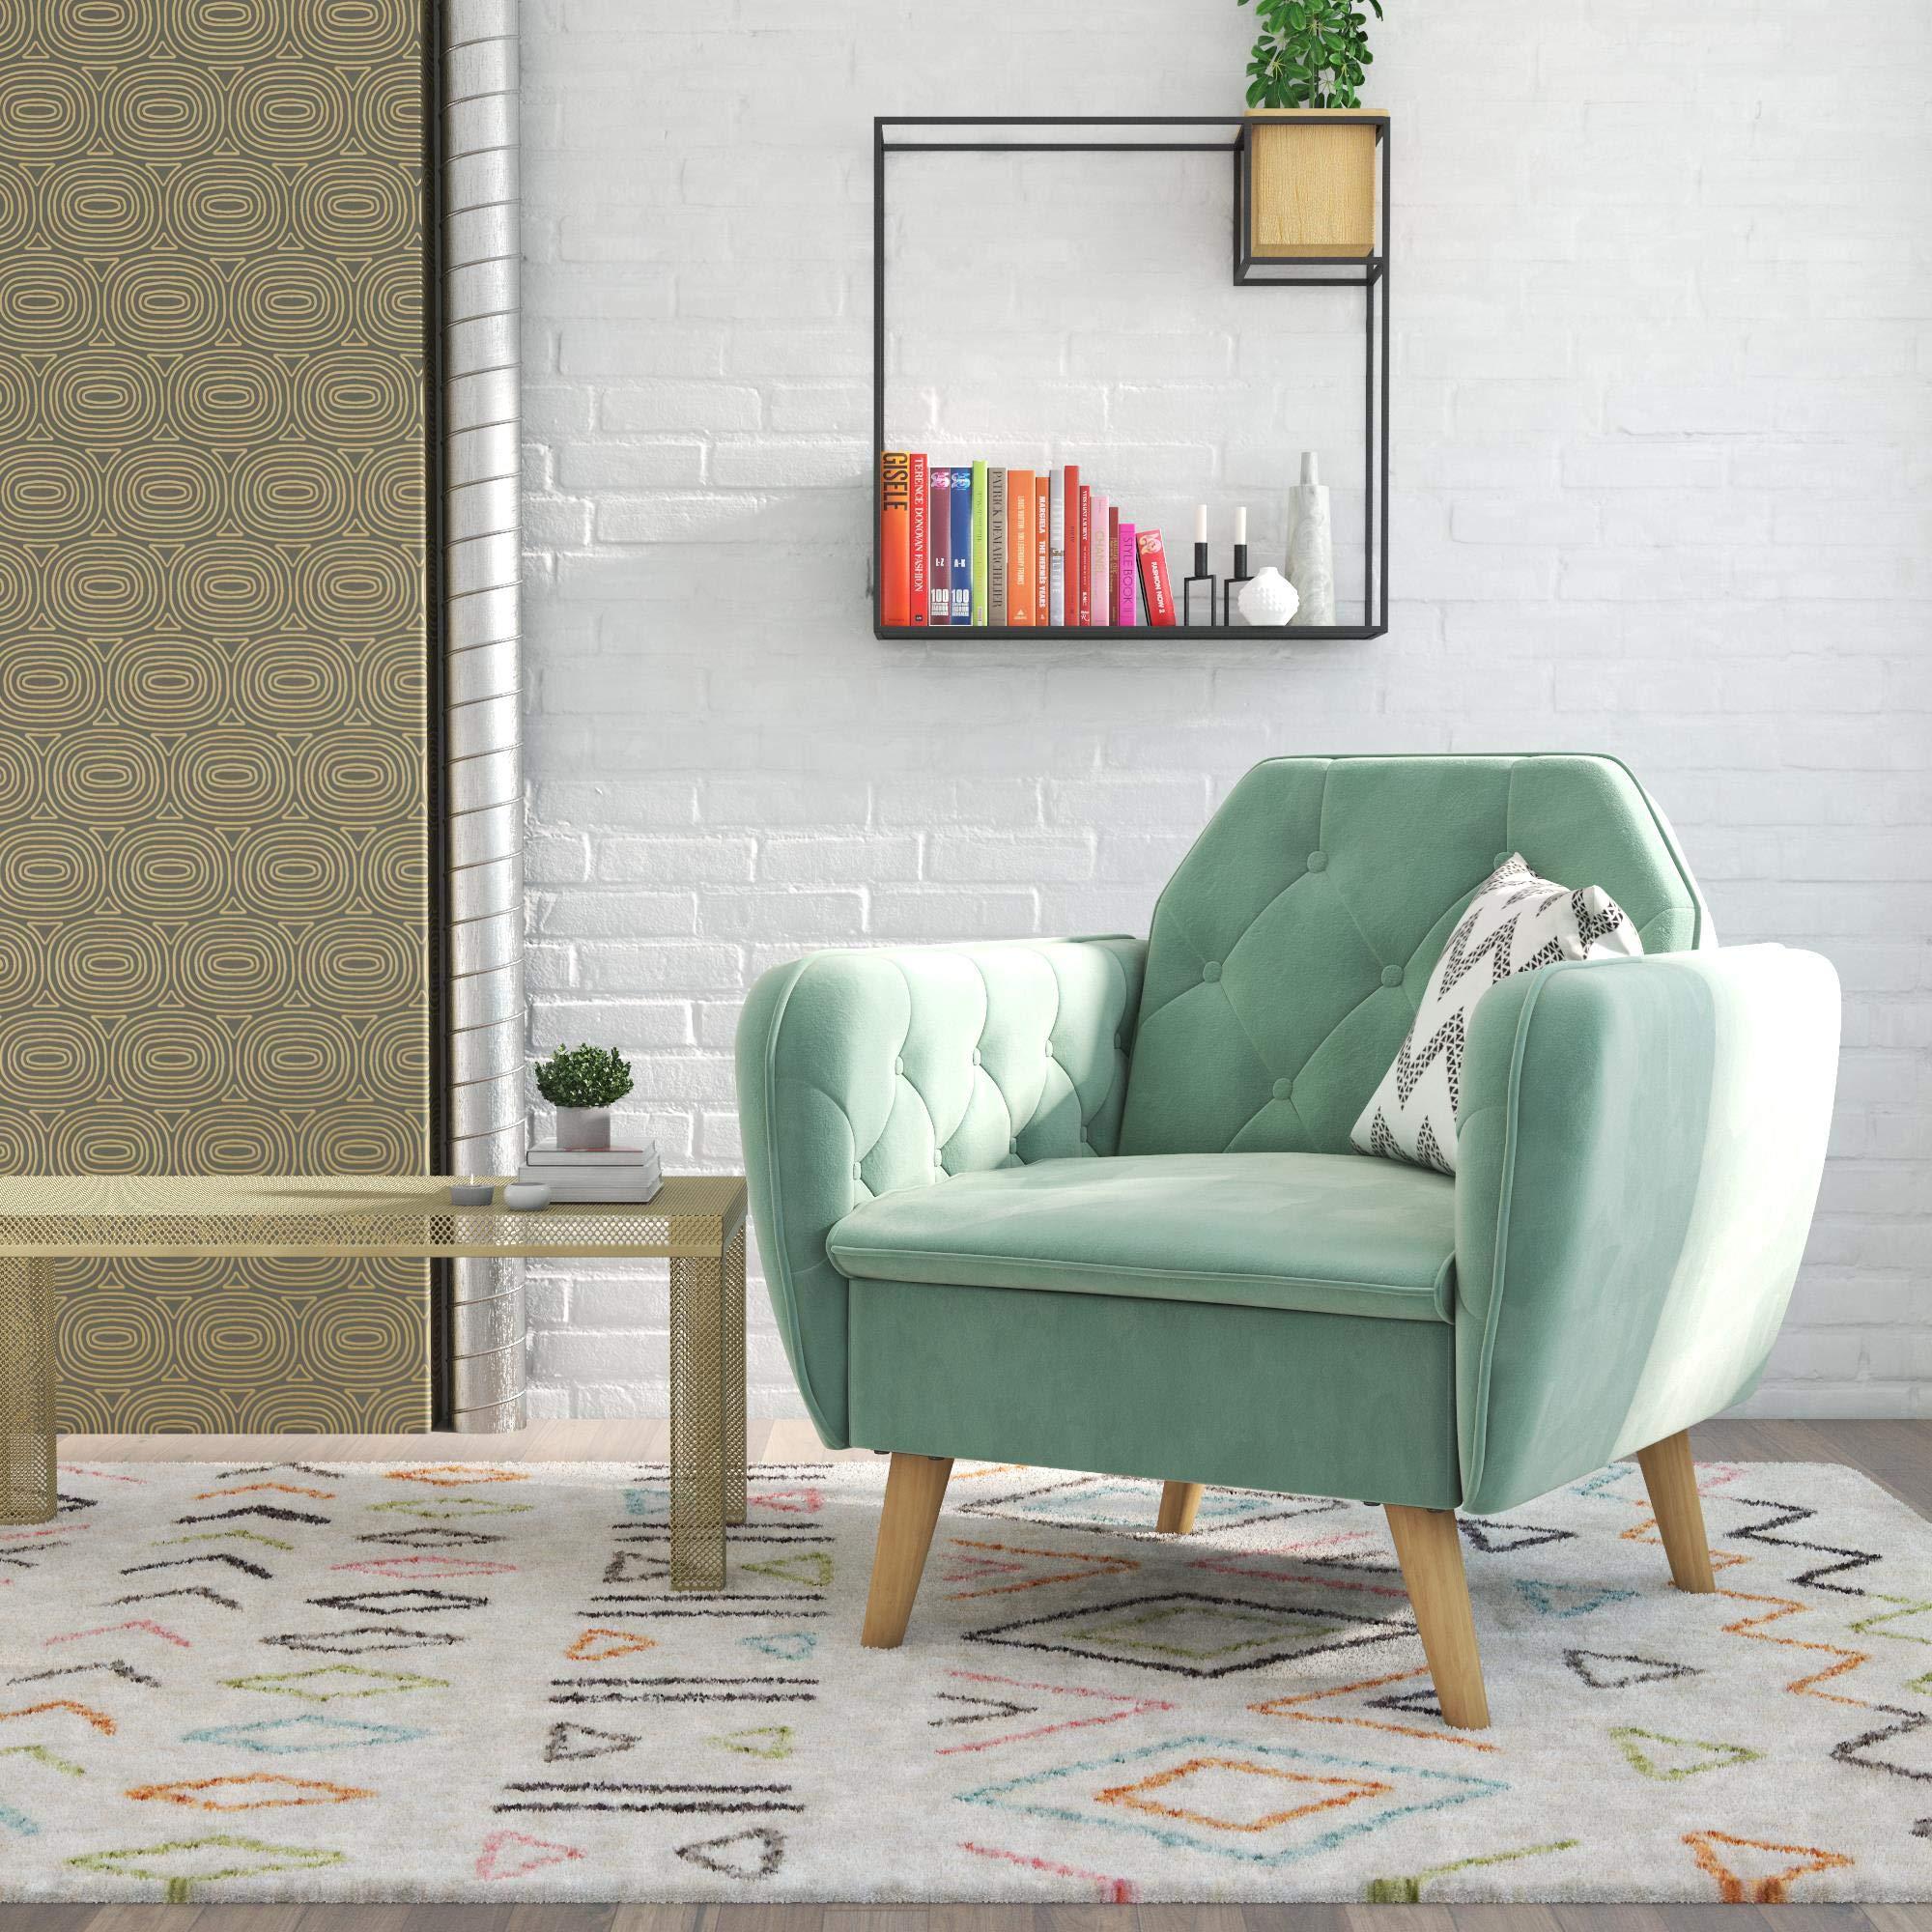 Novogratz 2273879N Tallulah Memory Foam Arm, Light Green Velvet Accent Chair, by Novogratz